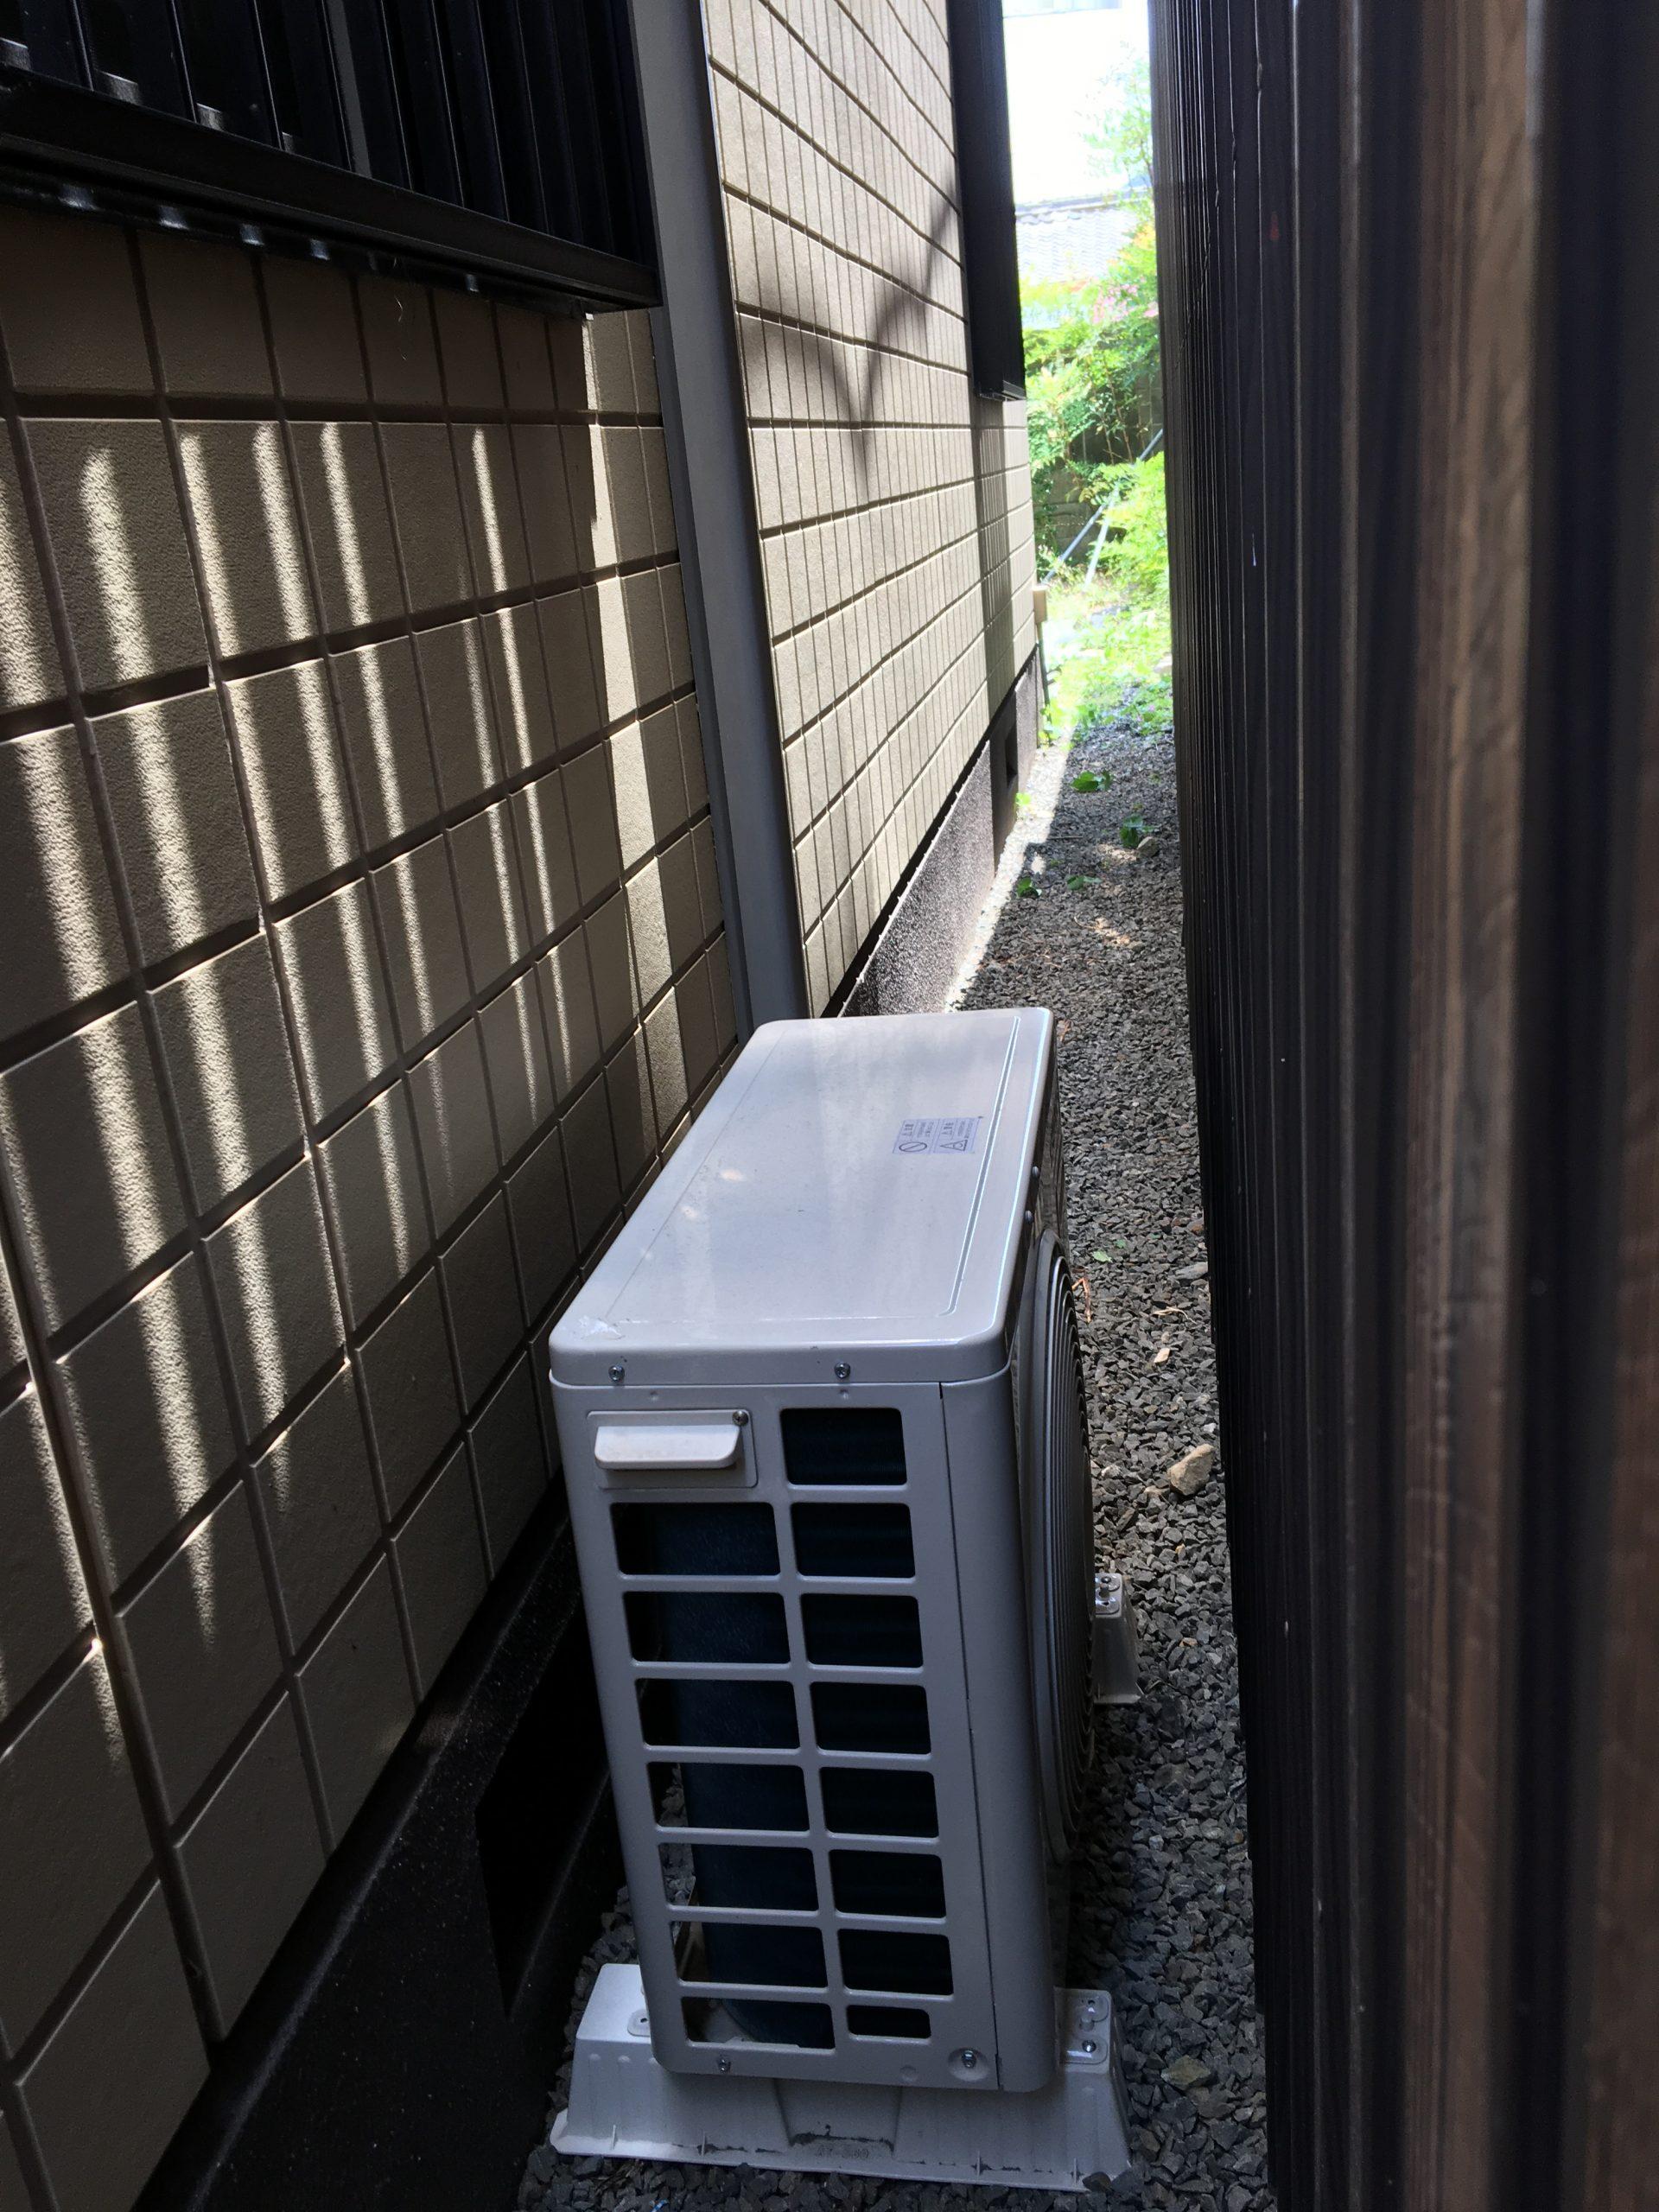 滋賀県大津市の中古エアコンの取り付け作業/引っ越しで取り付けできていないエアコンはありませんか?当店なら引っ越しもエアコンもお安く実施可能です【ご依頼】